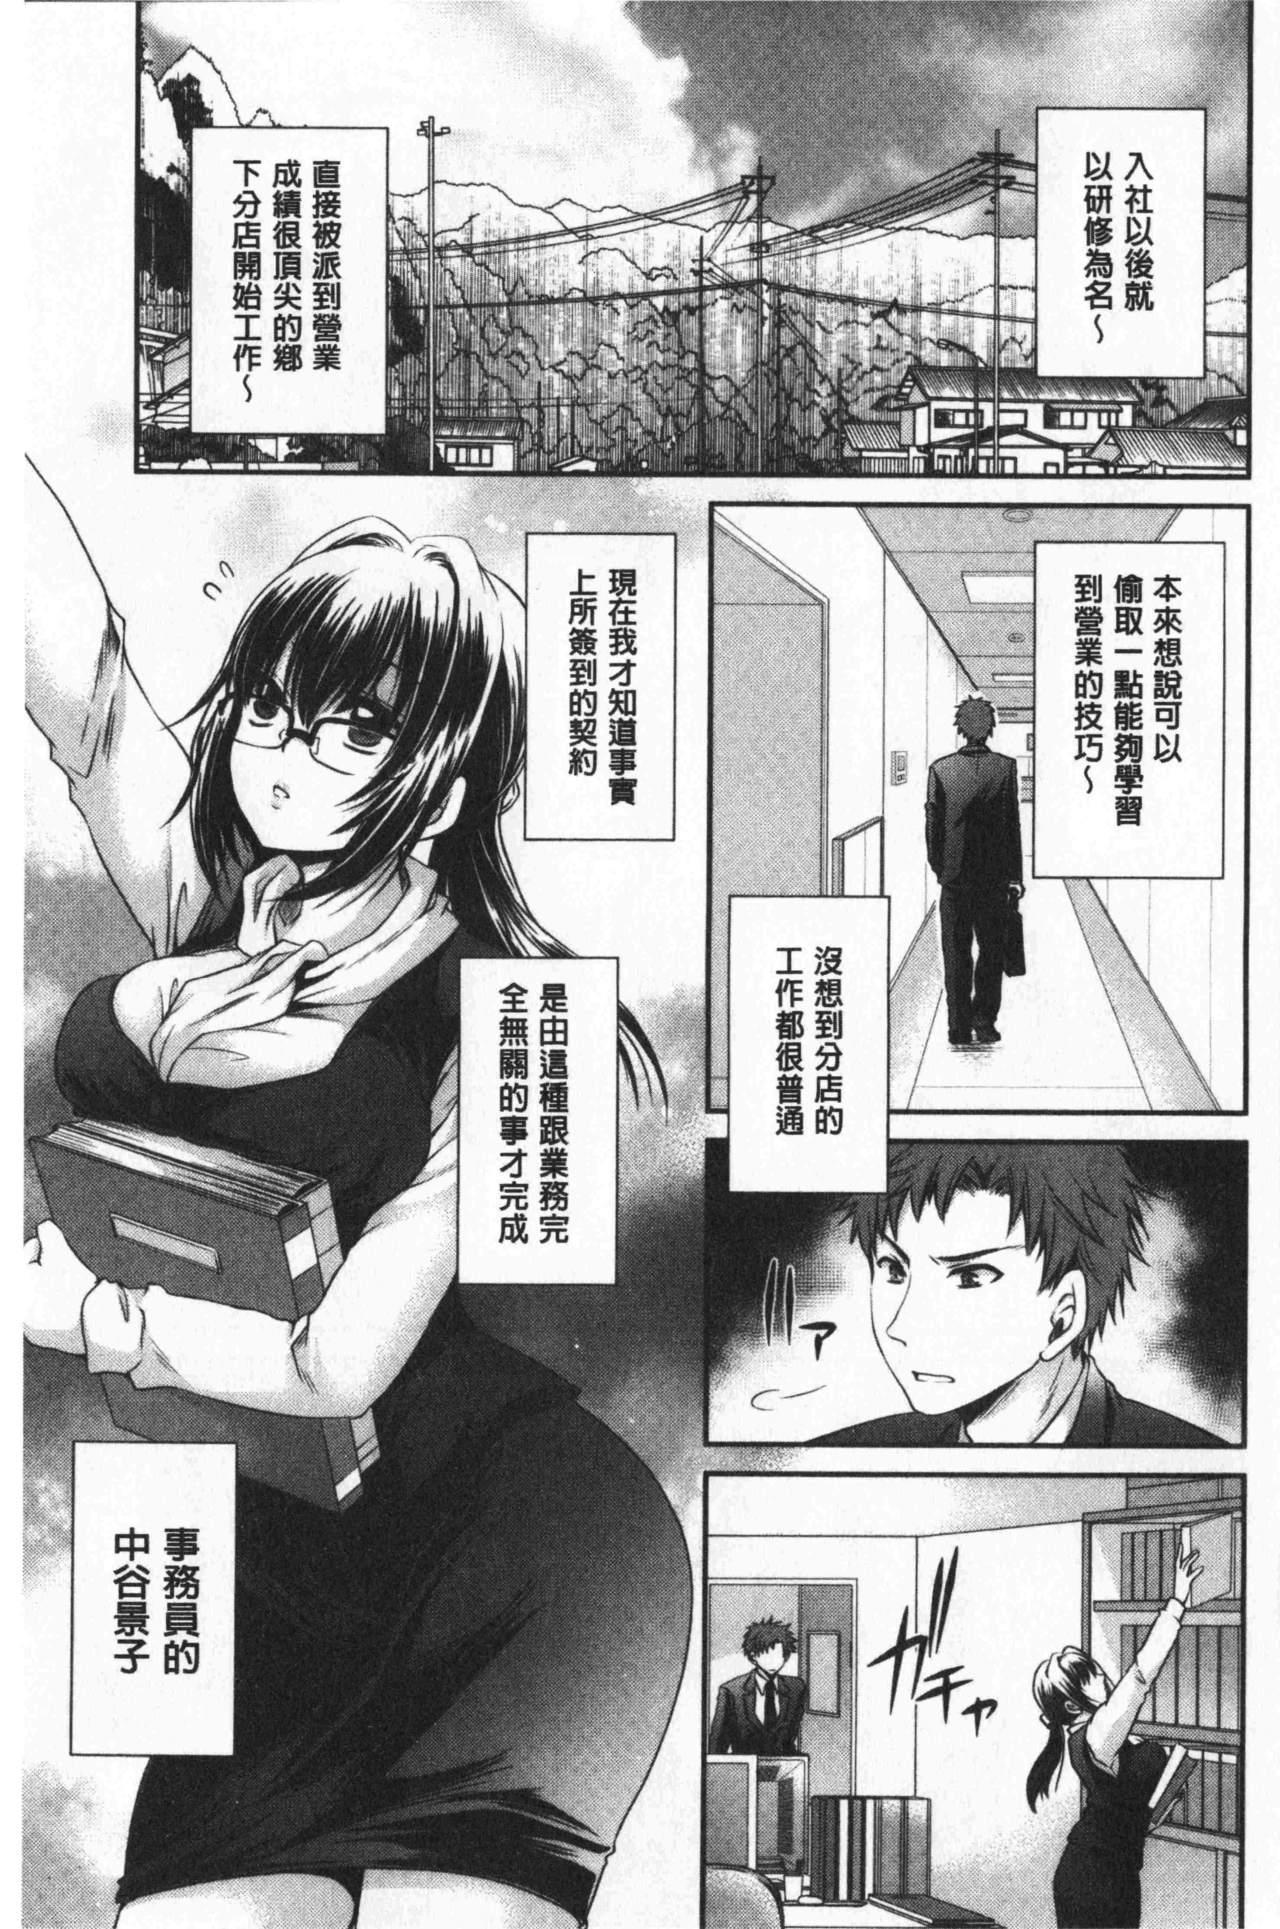 Doku Aru Hana no Amai Mitsu   毒淫花的甘甜蜜 24